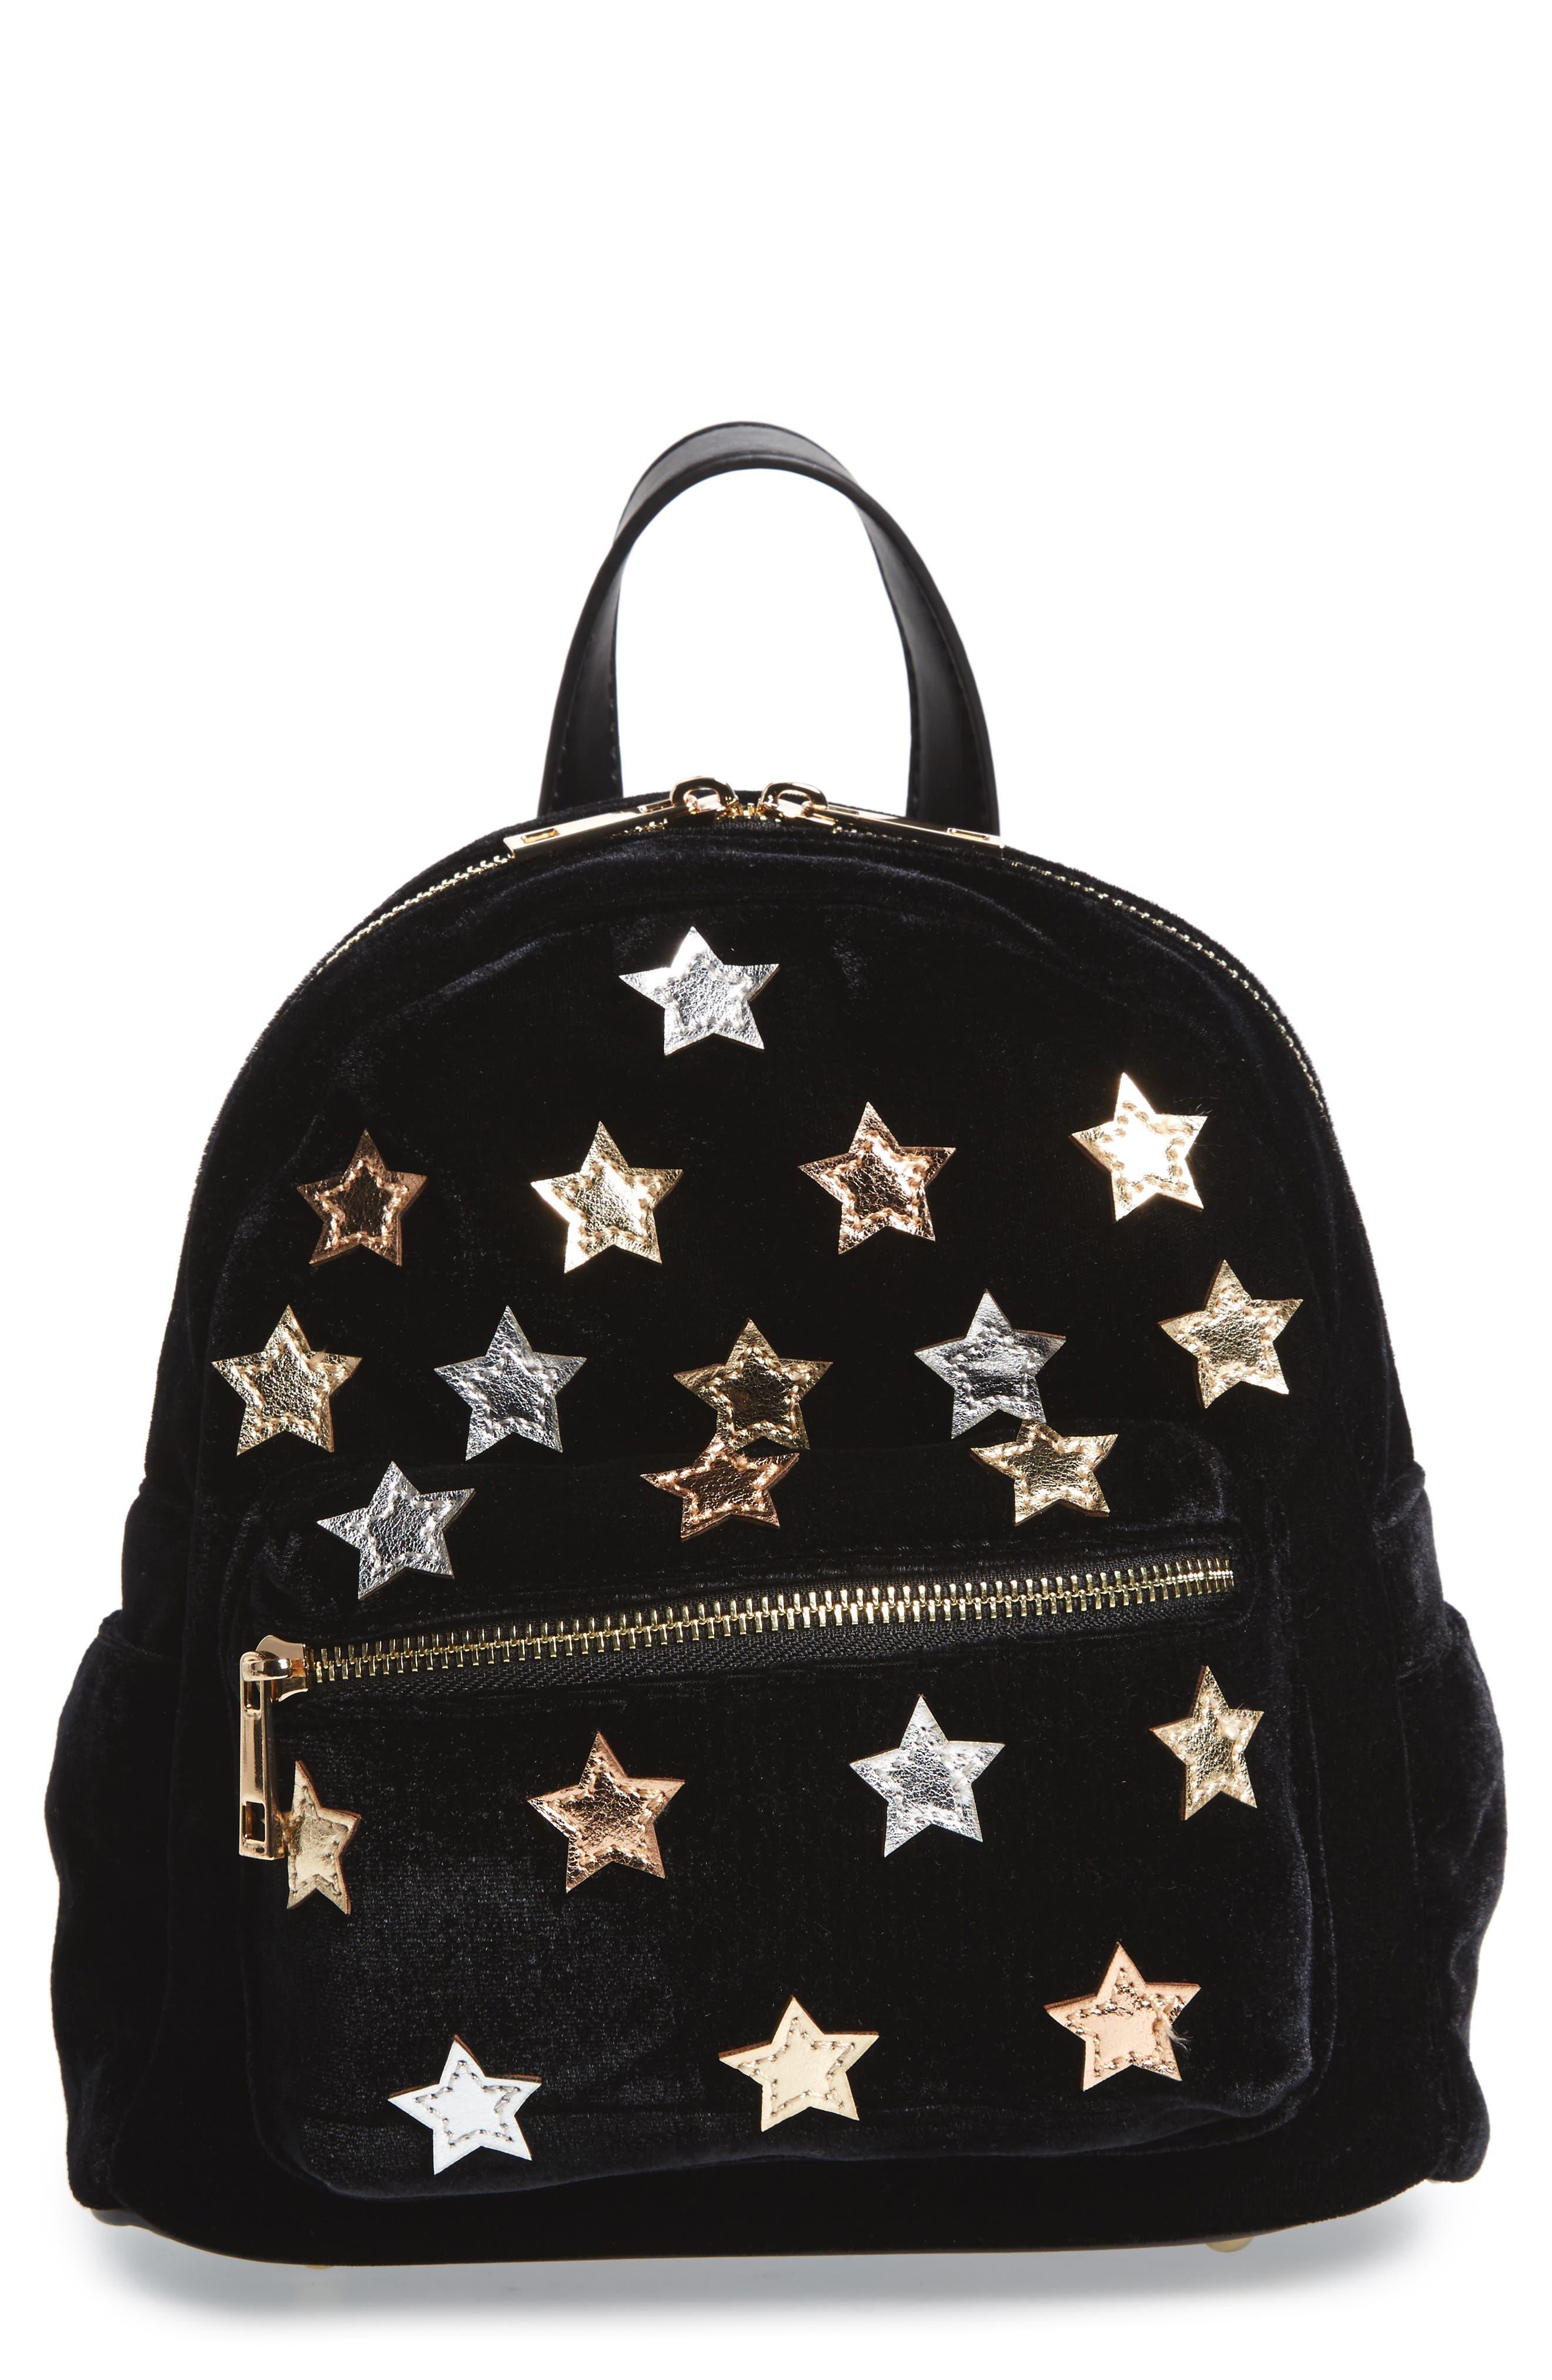 Star Mini Backpack,                             Main thumbnail 1, color,                             Black